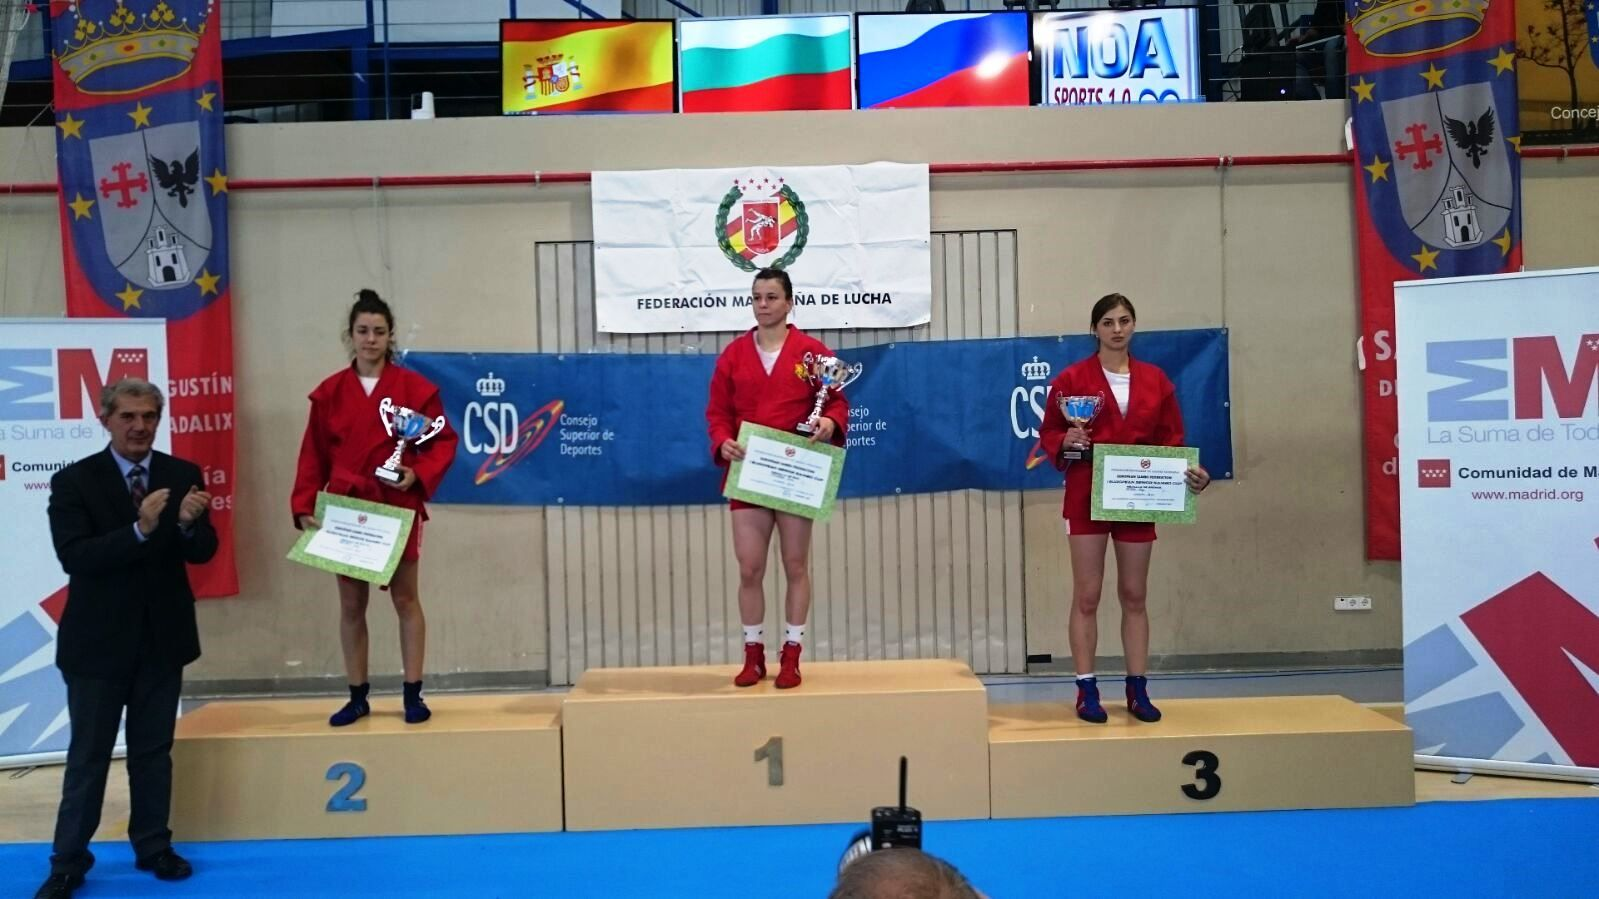 Студентка ВГУЭС Ольга Митина – бронзовый призер Первого Кубка Европы по самбо среди женщин